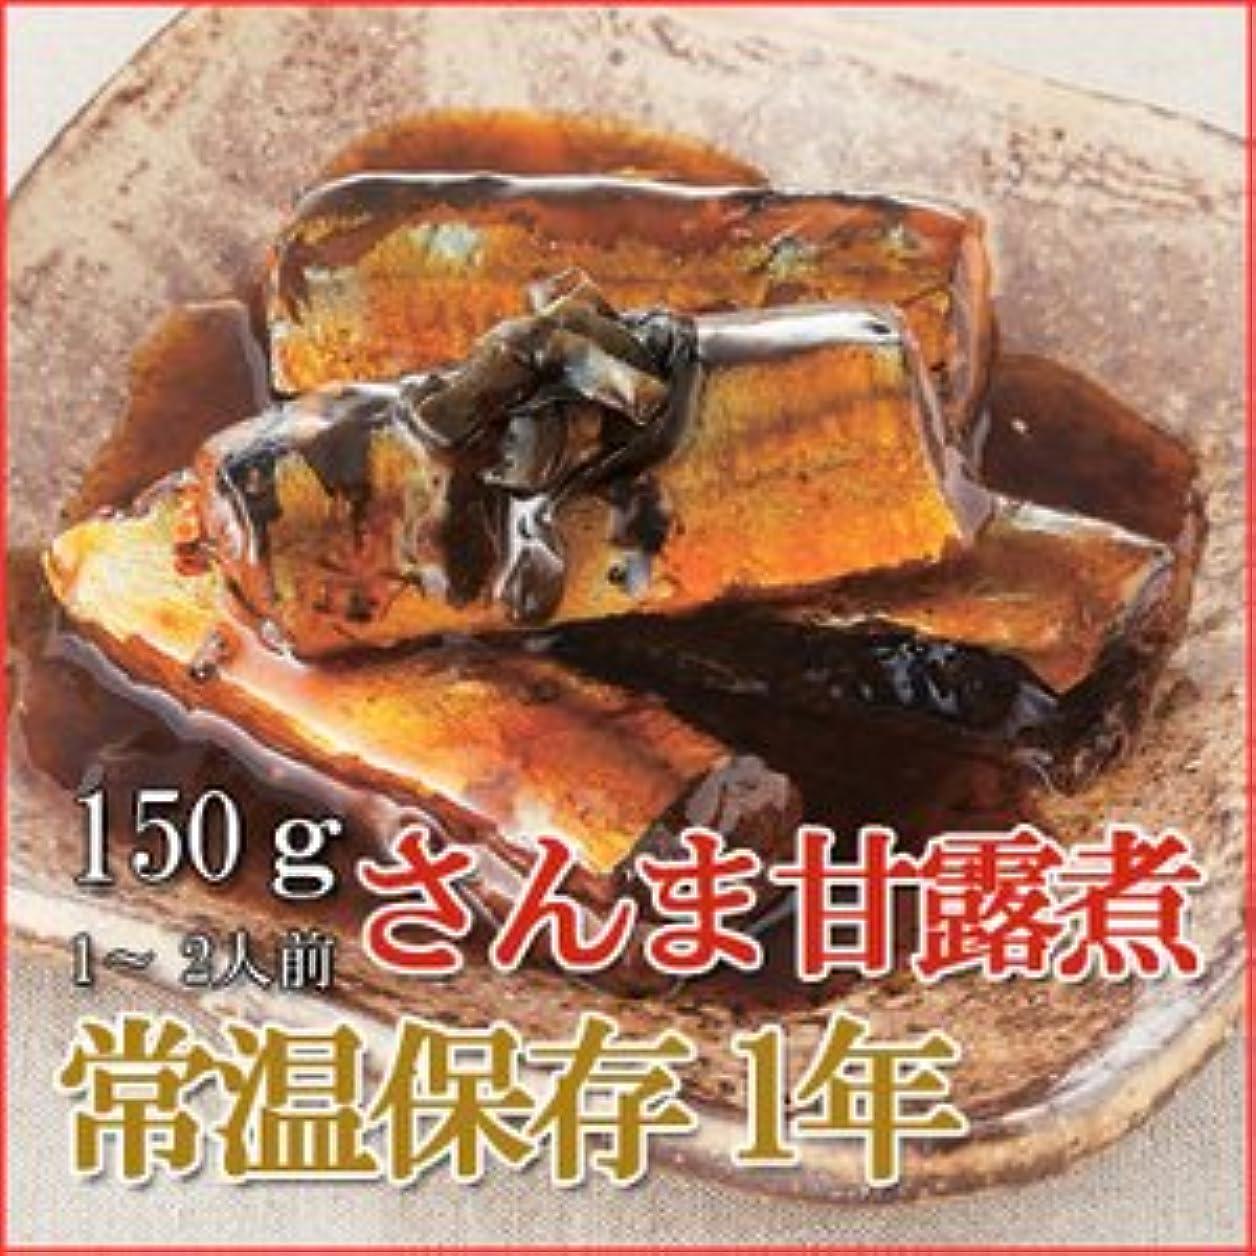 恐竜明確に支給レトルト 和風 煮物 さんま甘露煮 150g (1-2人前) X10個セット (和食 おかず 惣菜)